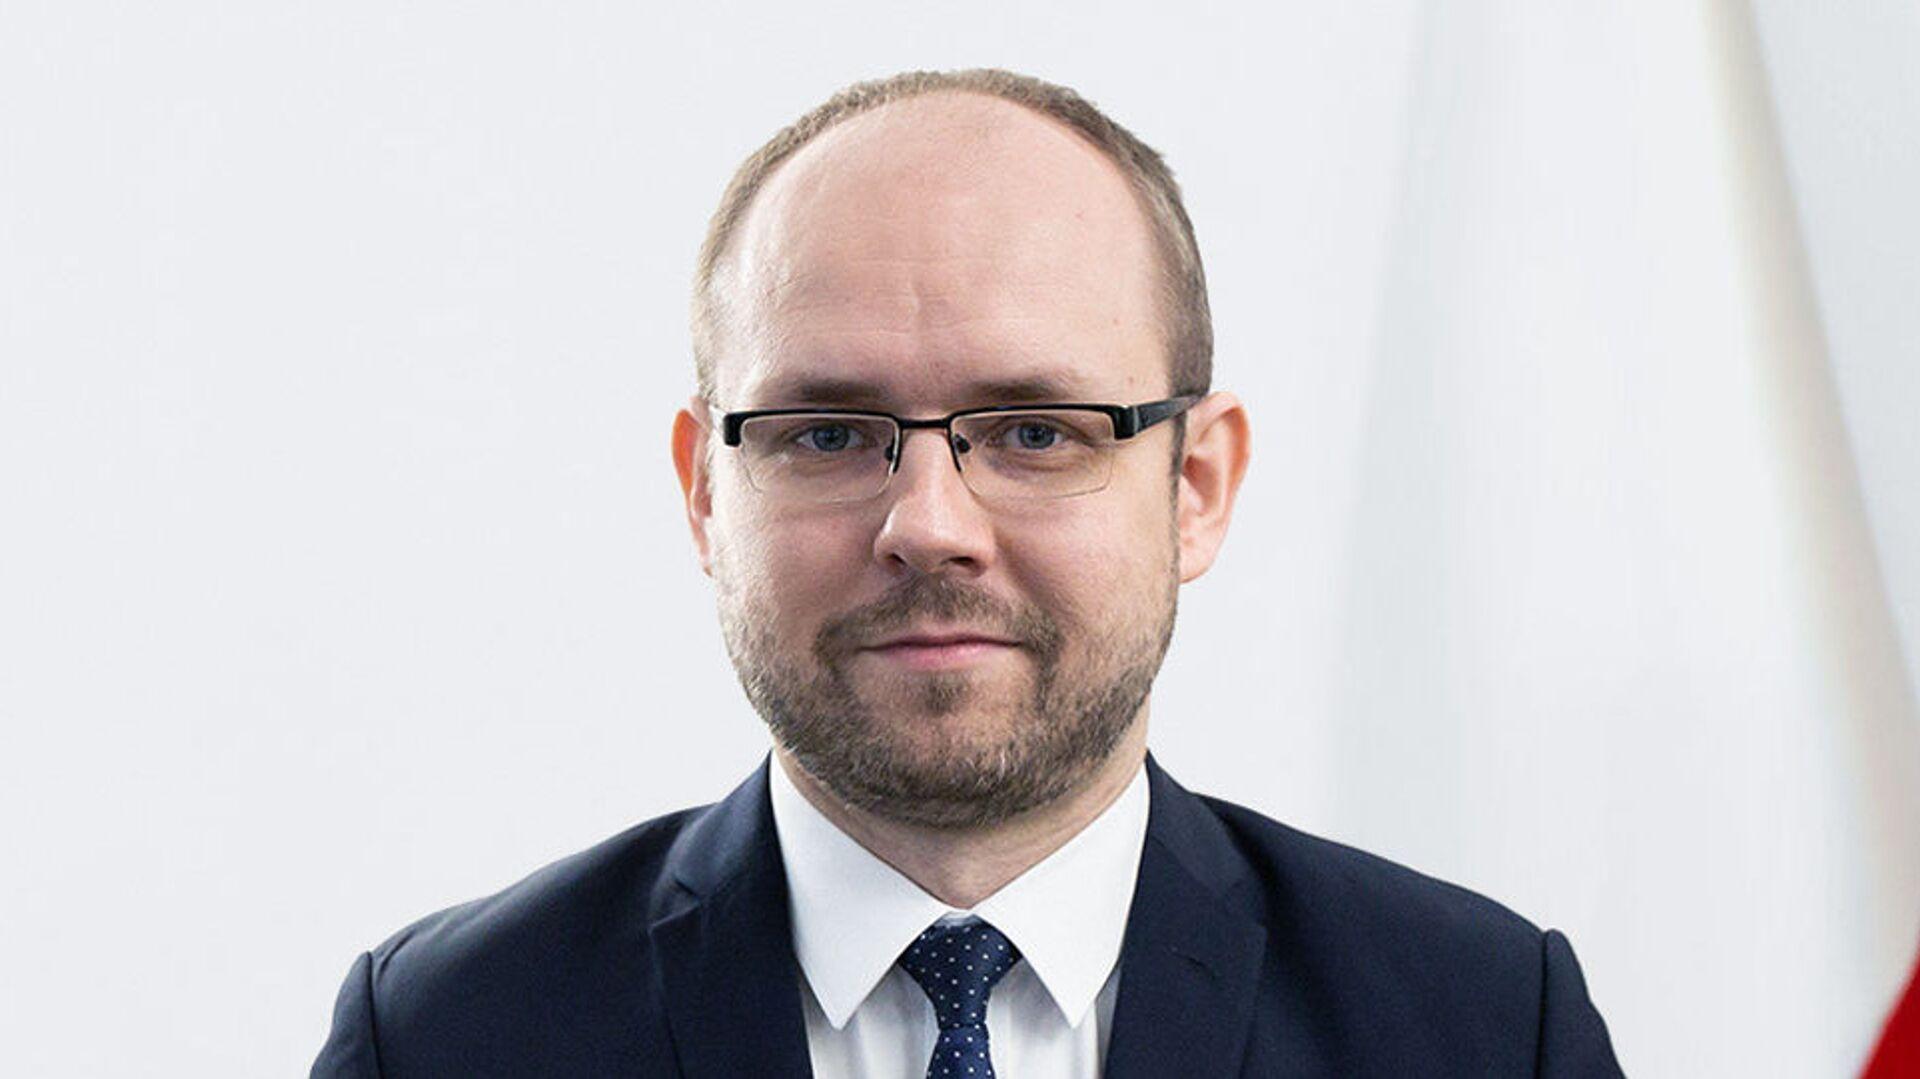 Wiceminister spraw zagranicznych Polski Marcin Przydacz - Sputnik Polska, 1920, 11.03.2021